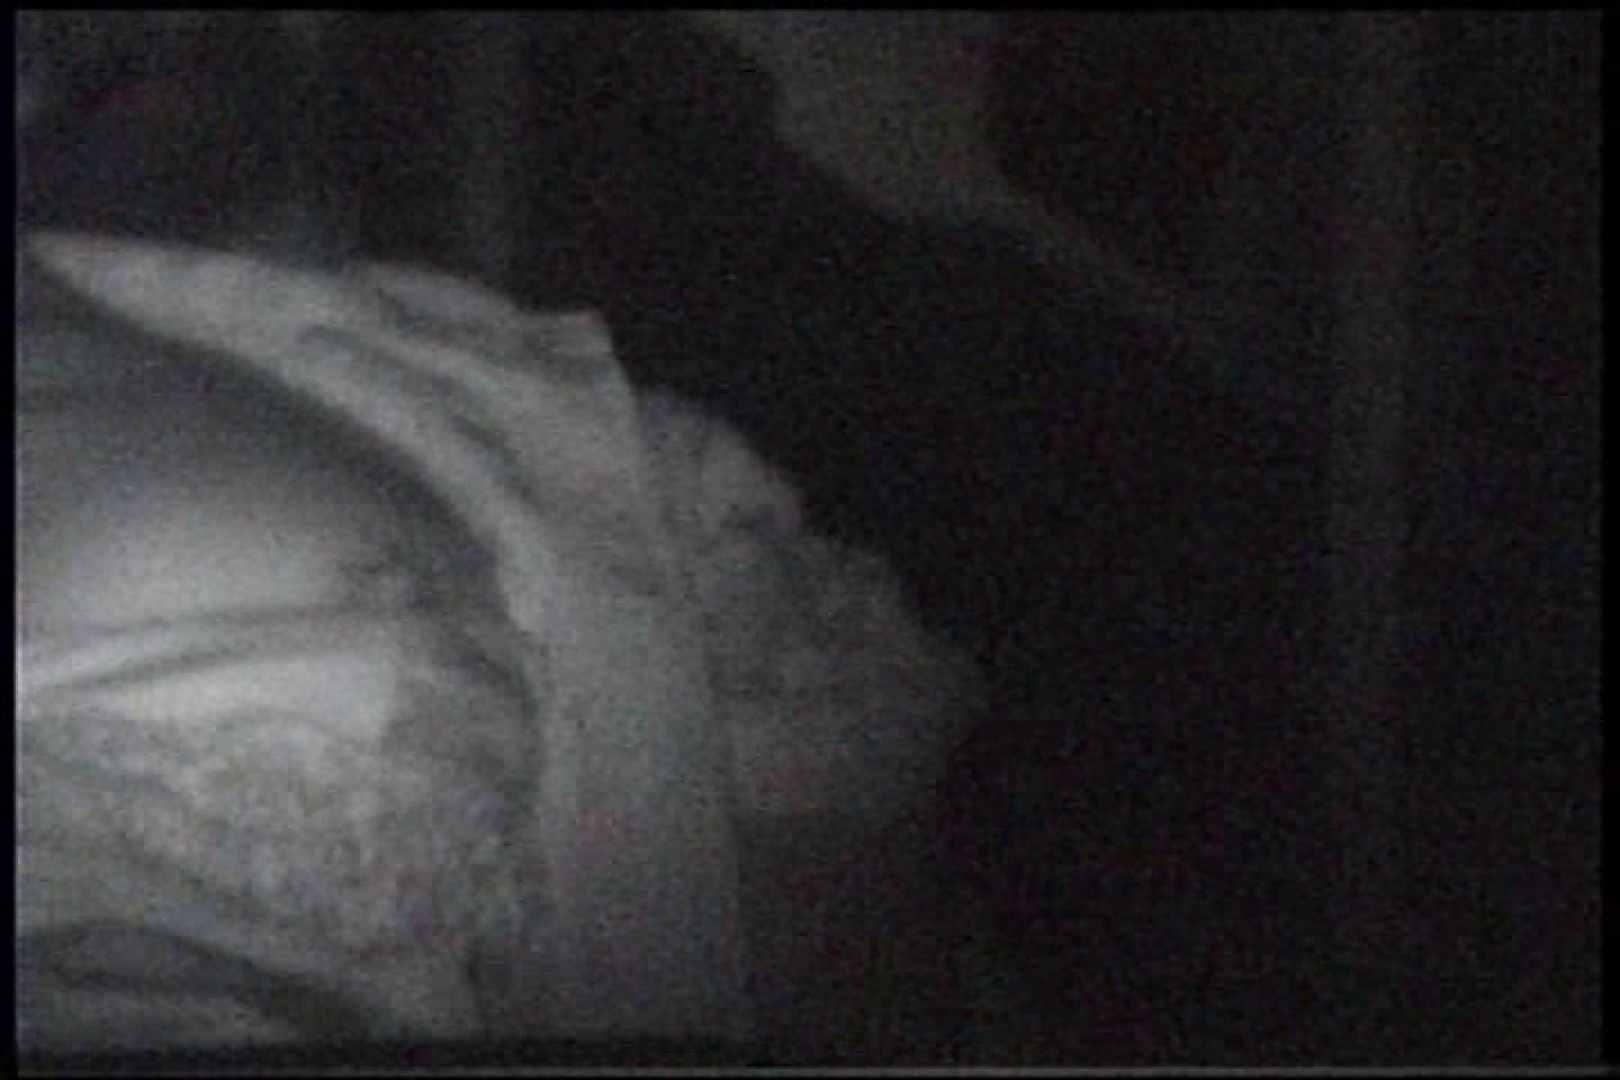 充血監督の深夜の運動会Vol.238 OLの実態   プライベート  90pic 51